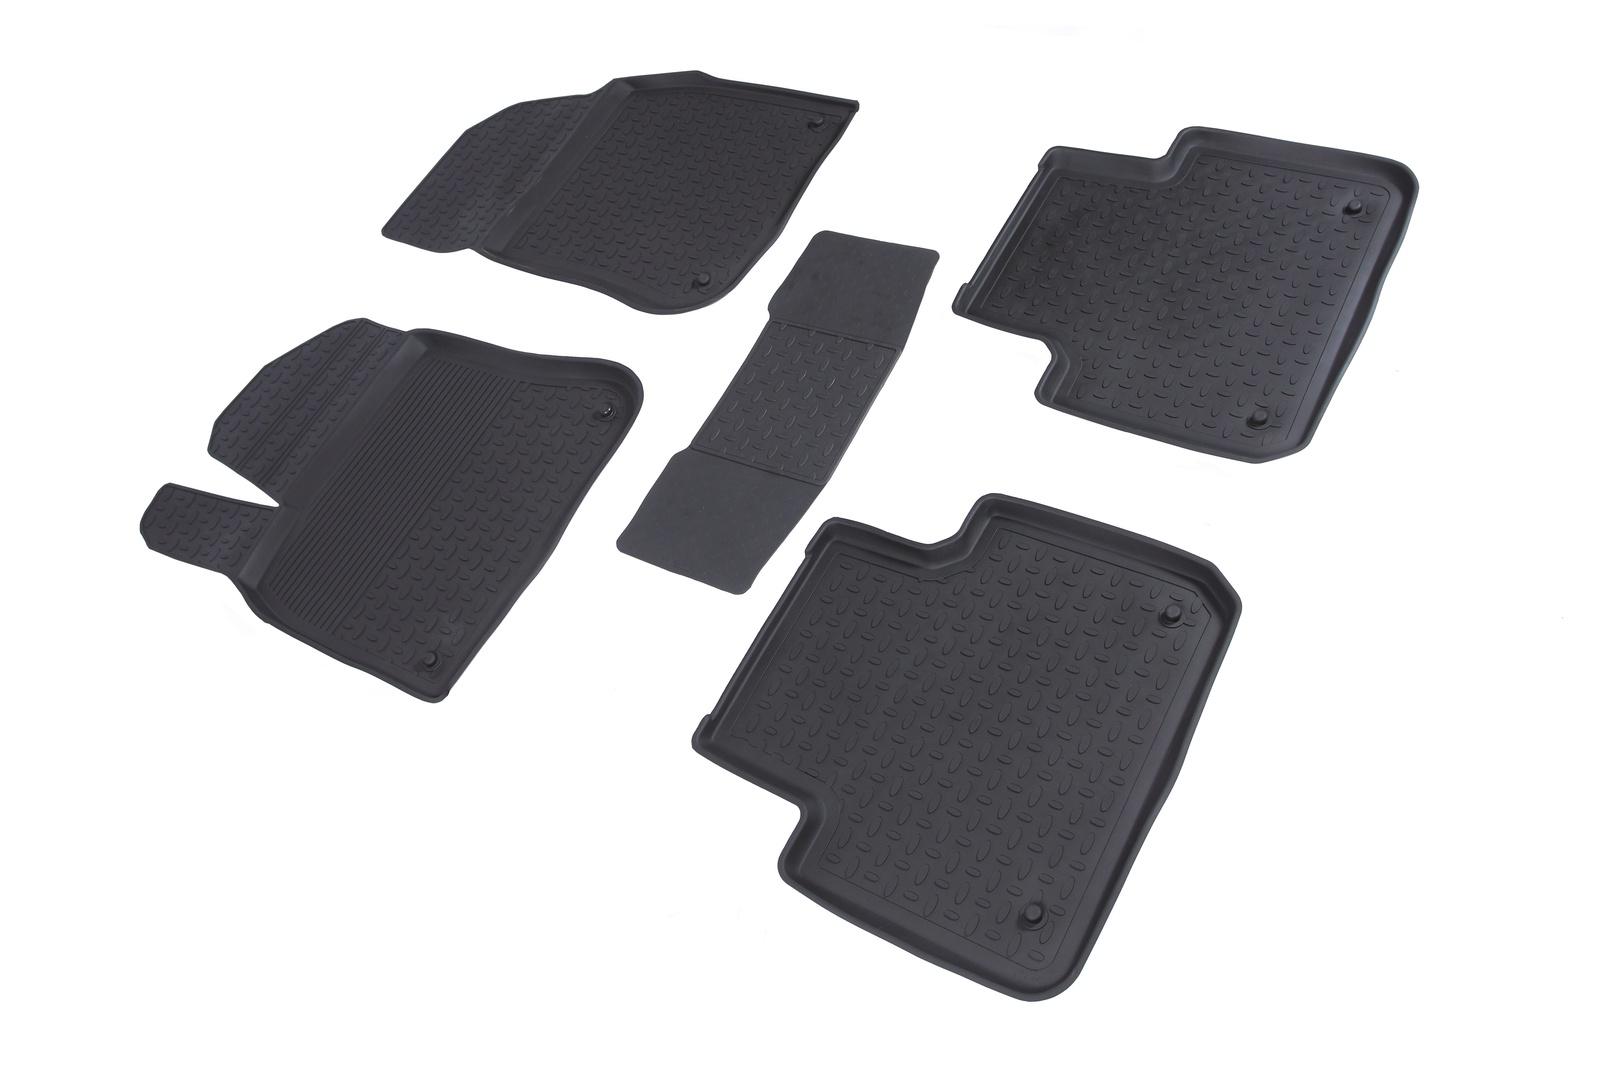 цена на Коврики в салон автомобиля Seintex Резиновые коврики с высоким бортом для Great Wall Hover H6 2012-н.в.